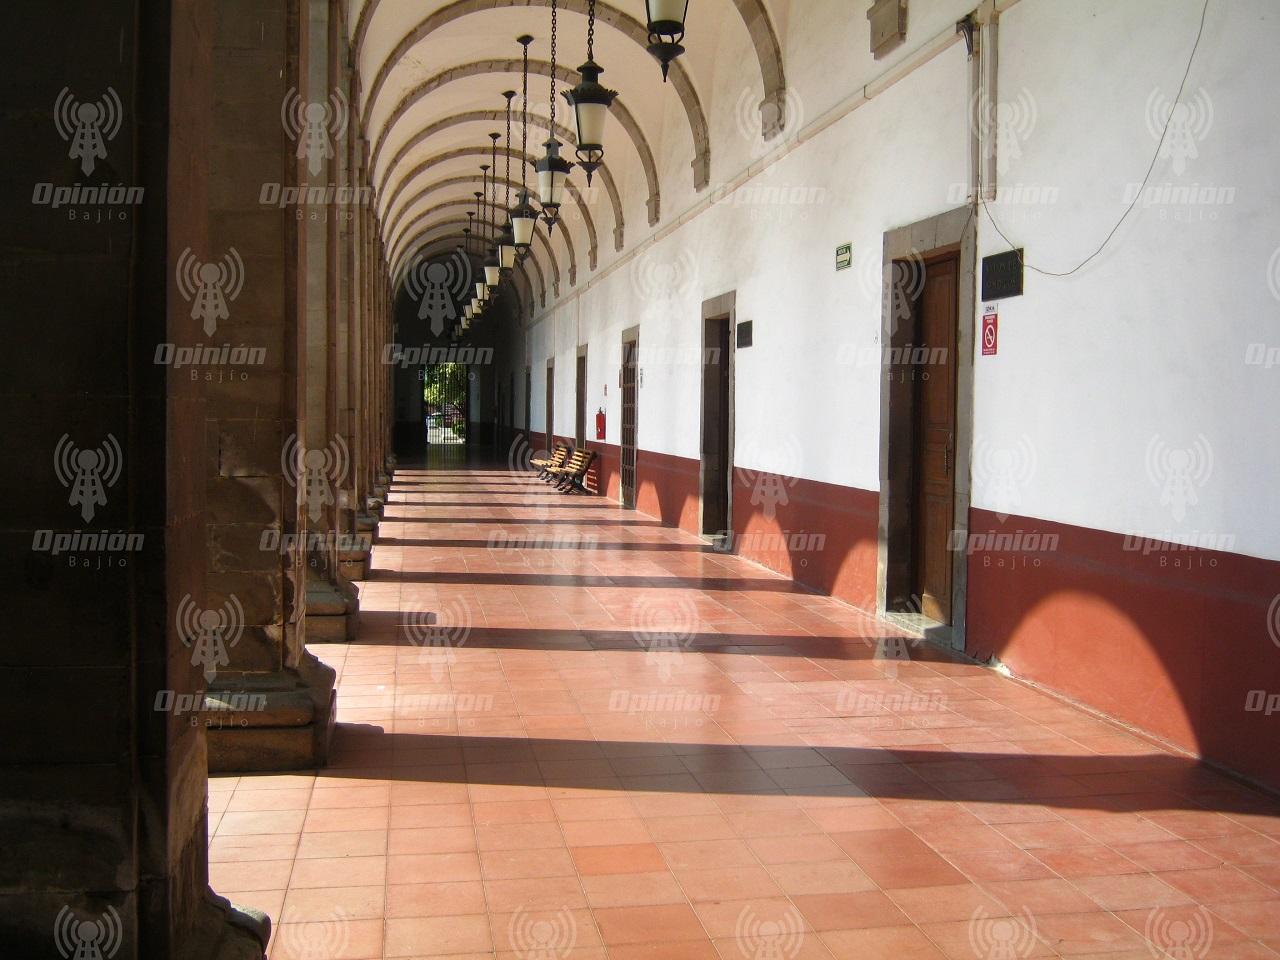 El 19 de diciembre, ayuntamiento de Irapuato aprobará reducción de dependencias y plazas